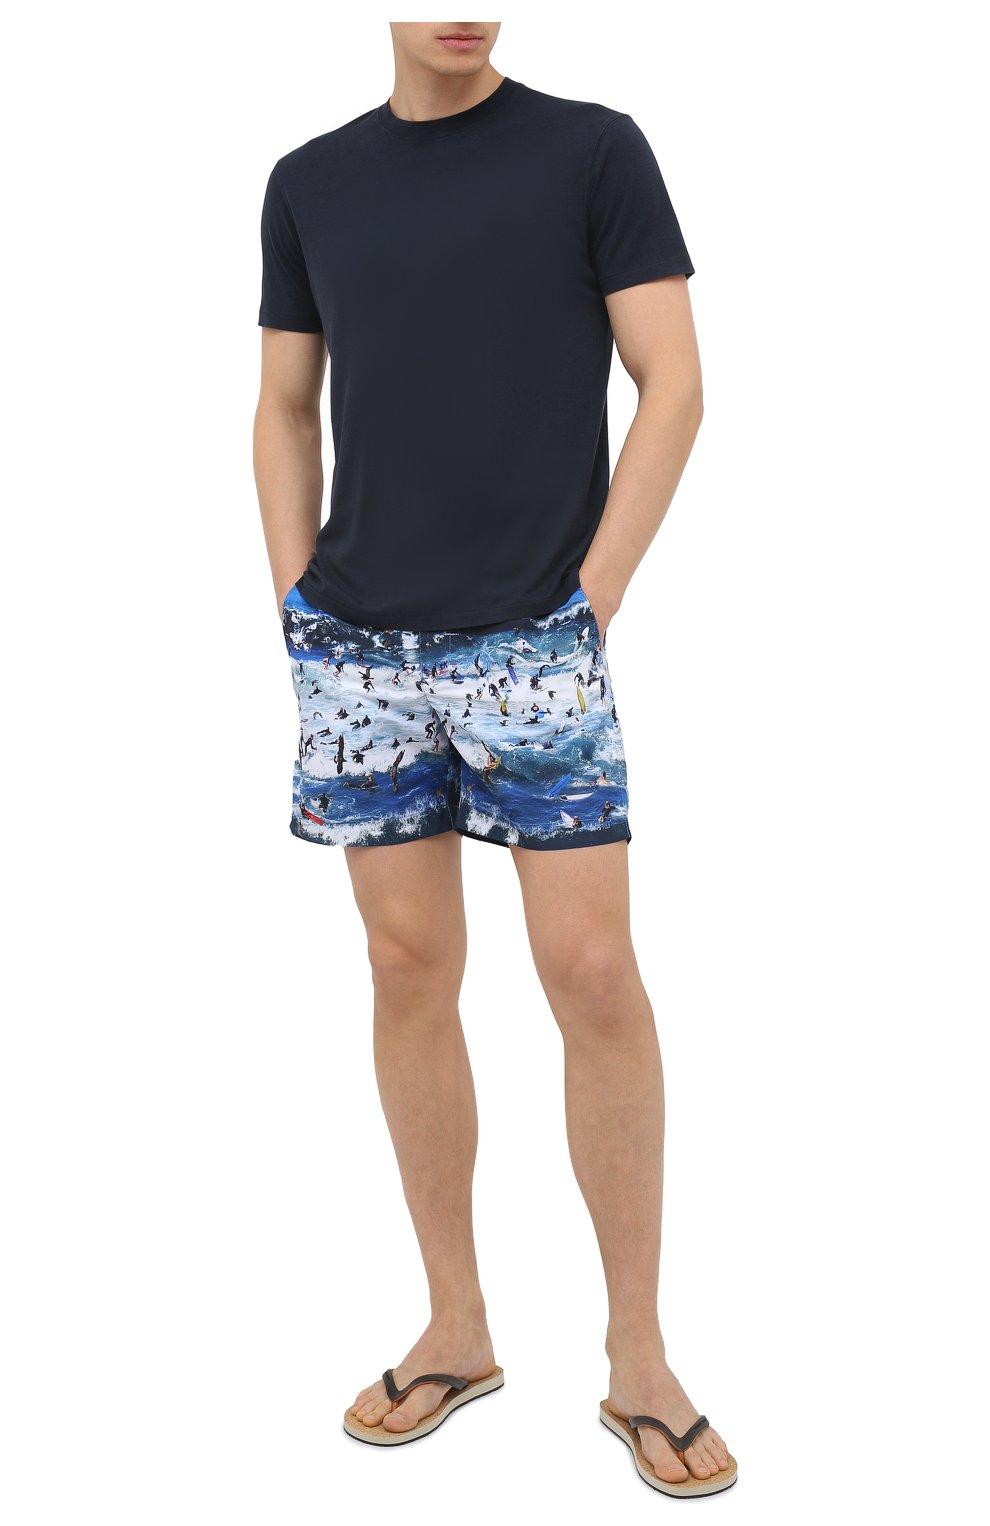 Мужские плавки-шорты ORLEBAR BROWN синего цвета, арт. 273243 | Фото 2 (Материал внешний: Синтетический материал; Принт: С принтом; Мужское Кросс-КТ: плавки-шорты)